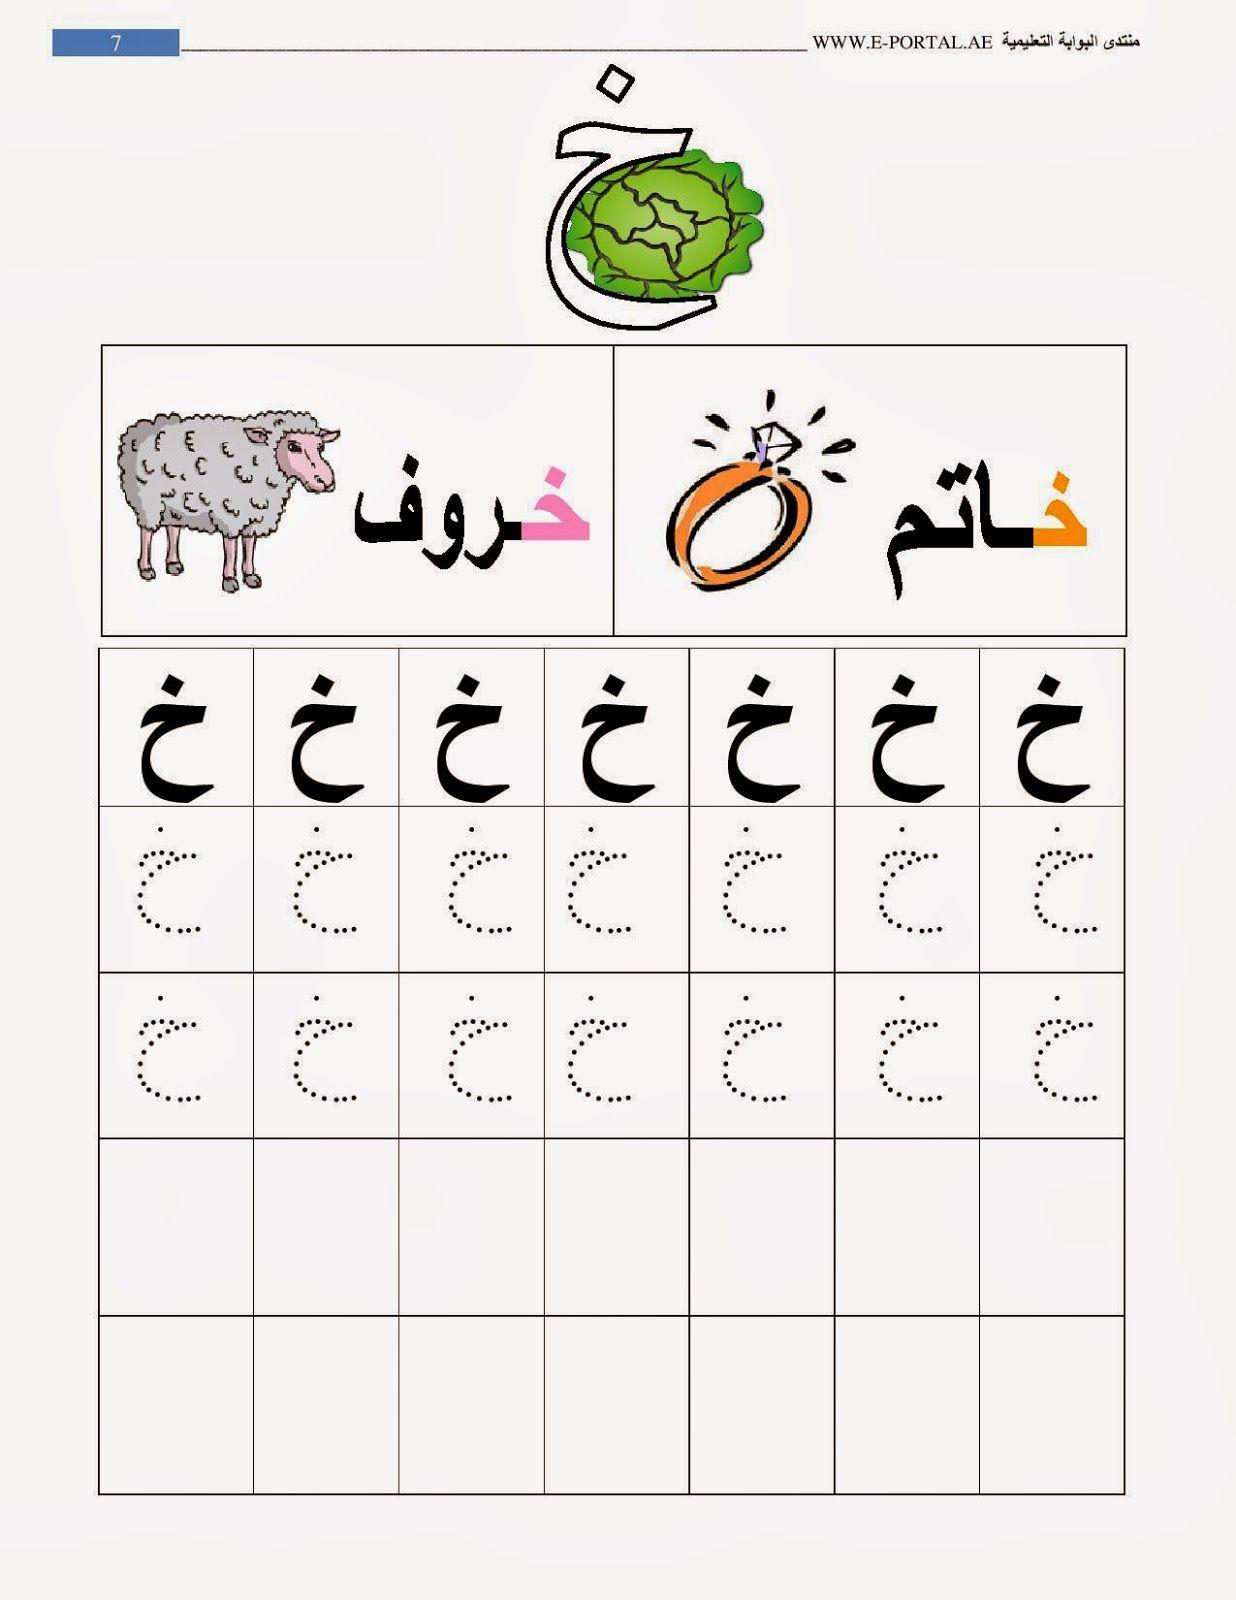 كراسة حروف الهجاء Page 008 Jpg 1236 1600 Learn Arabic Alphabet Arabic Alphabet Arabic Alphabet For Kids